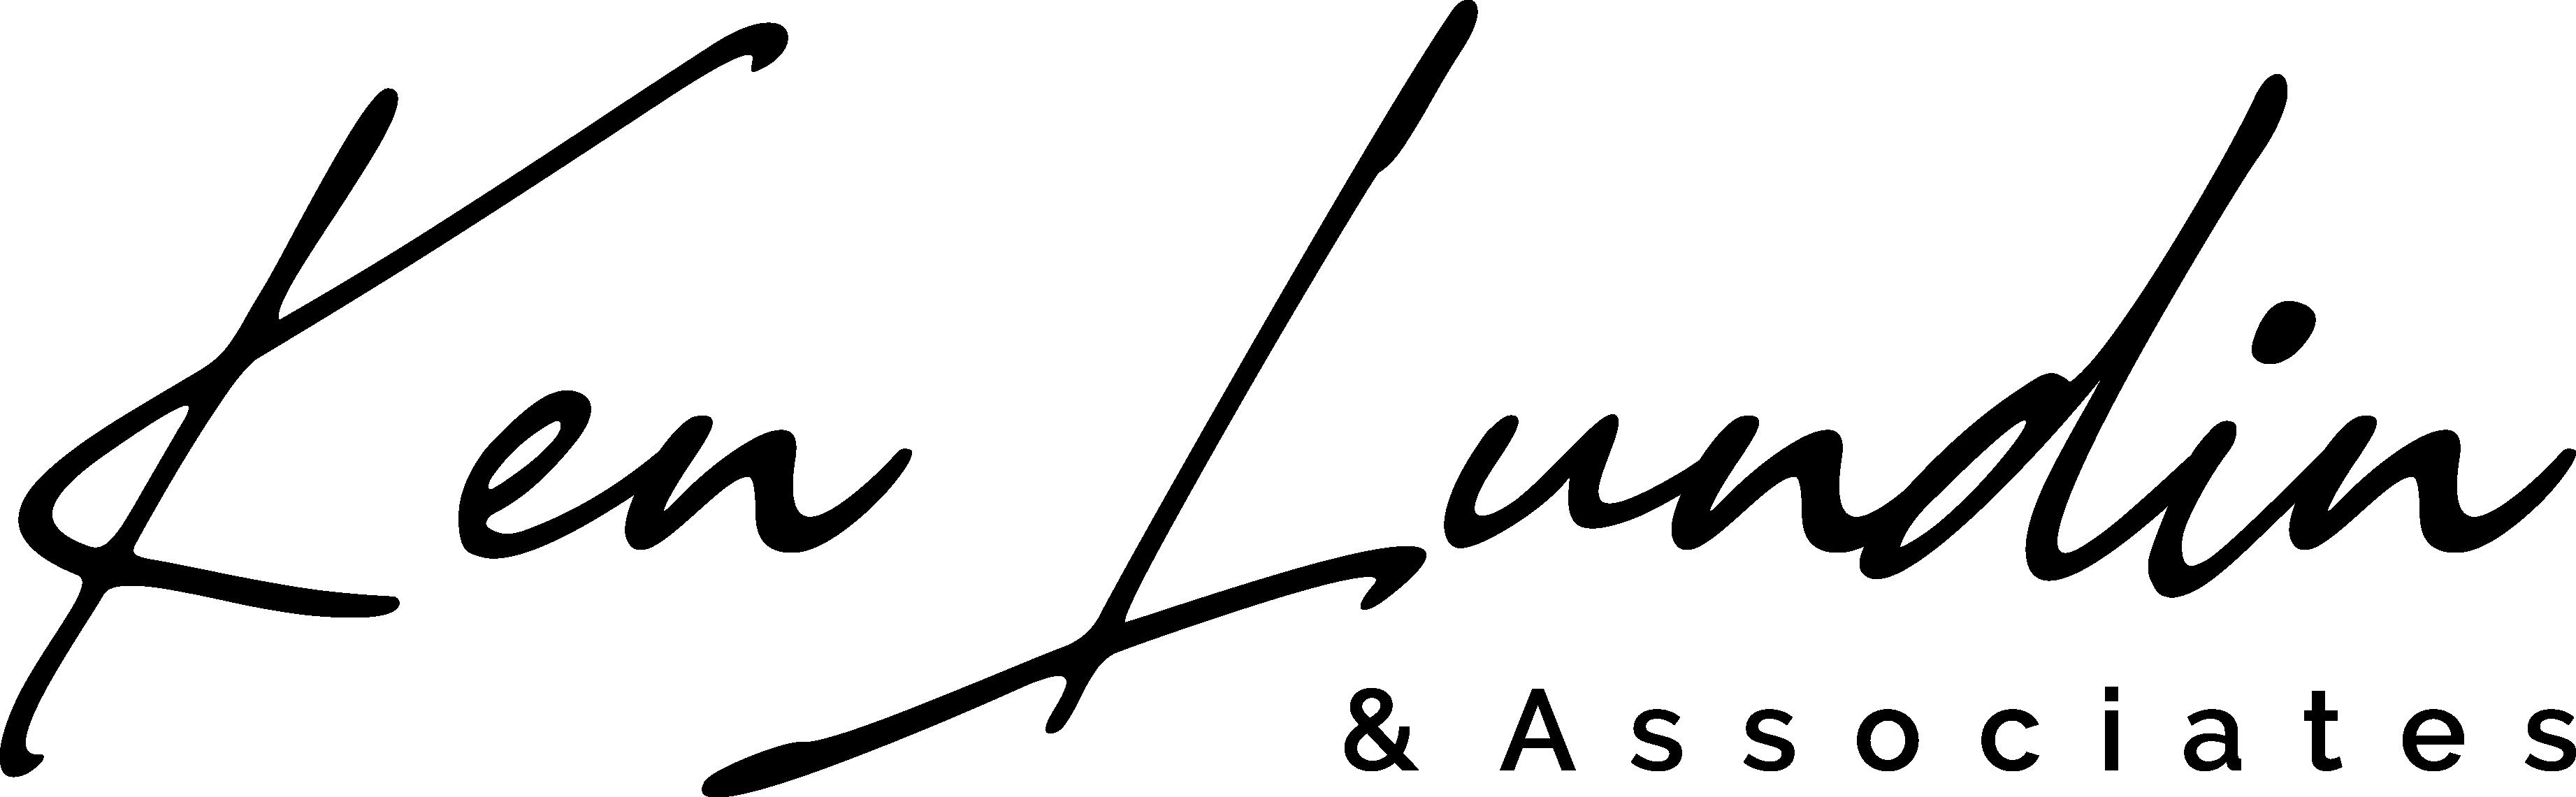 Ken-Lundin-Associates-New-H-R-Black